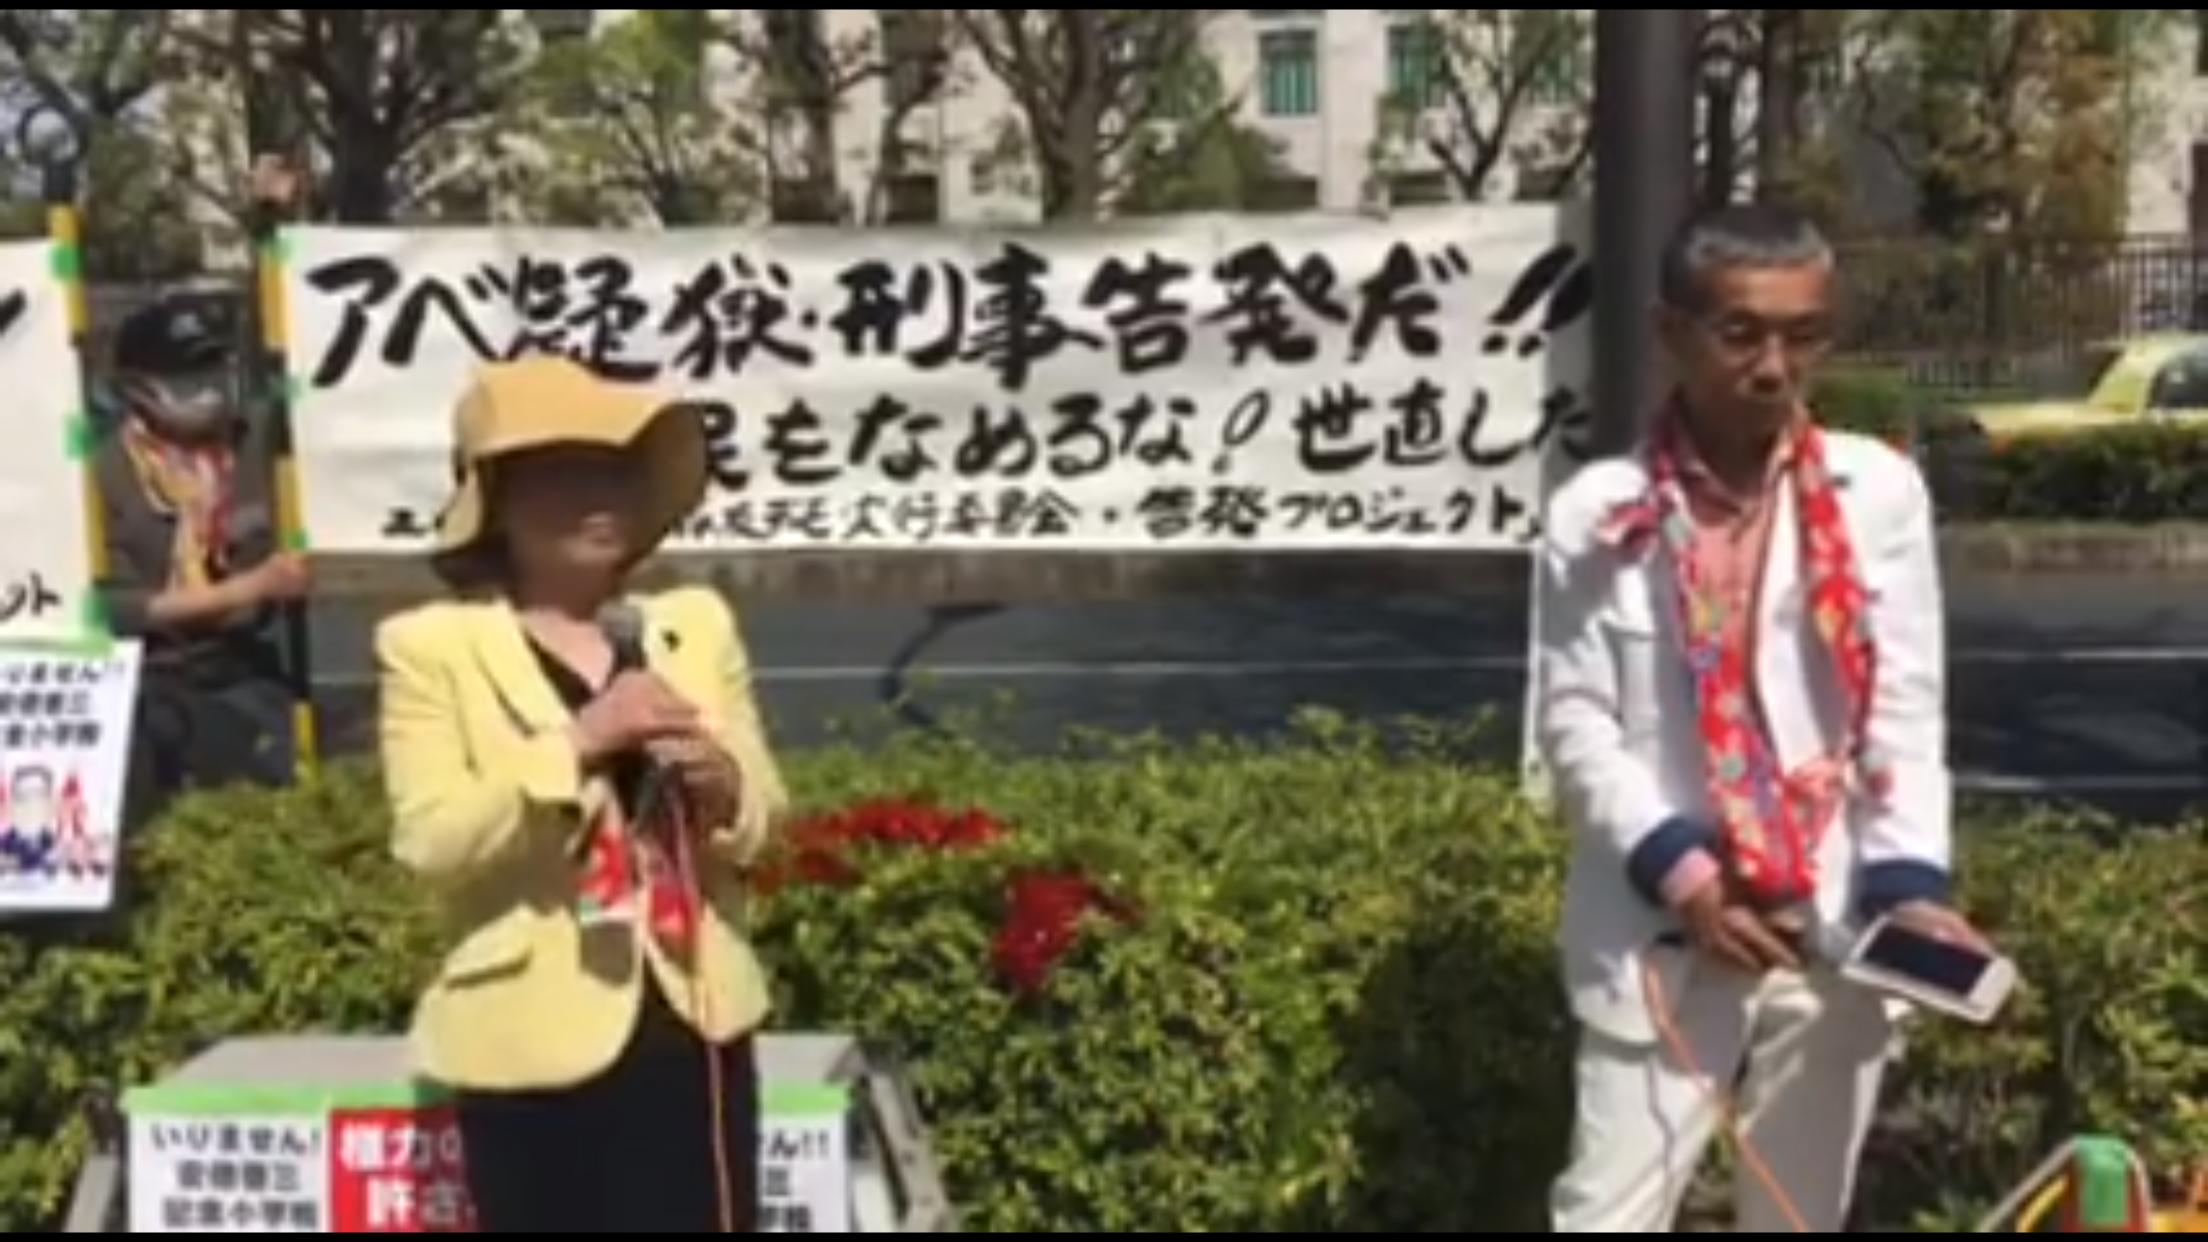 森友デモ代表者が警察へ出頭、福島瑞穂も参加